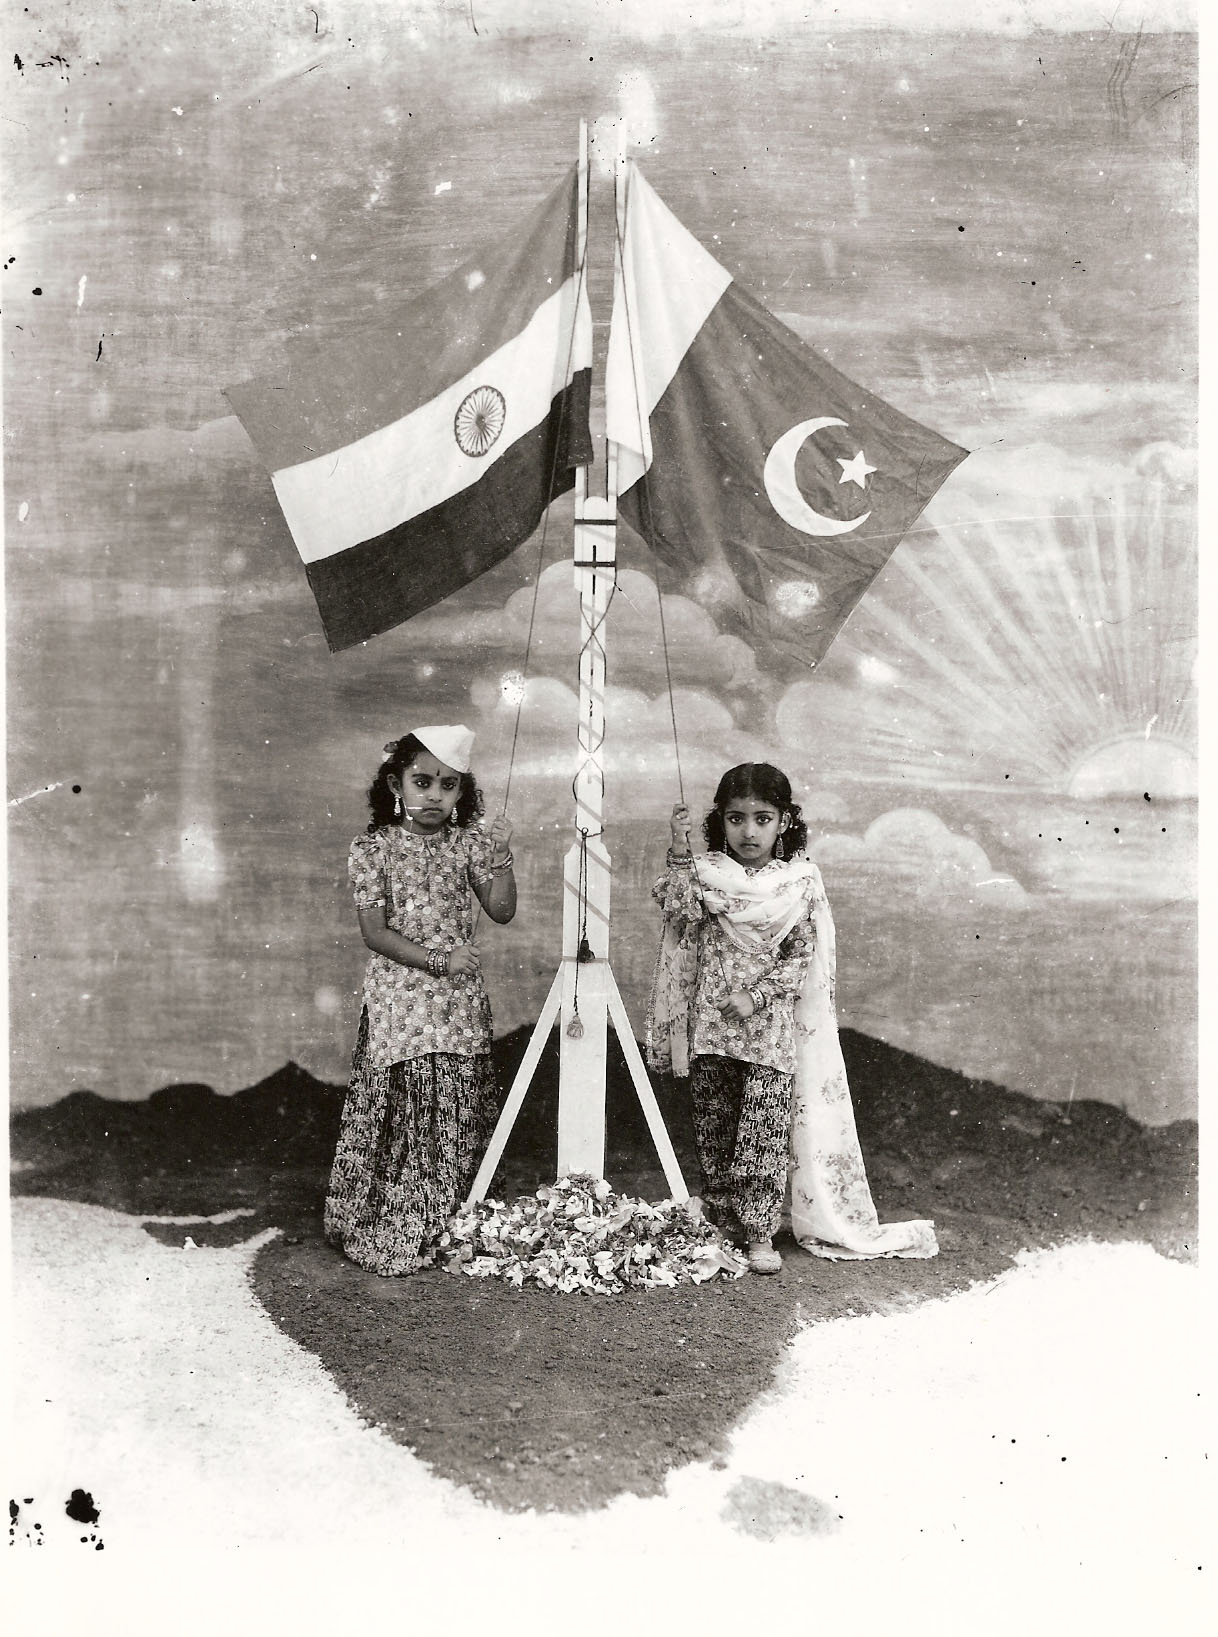 1947 Shaku holding Indian flag and Shanthi the Pakistan flag